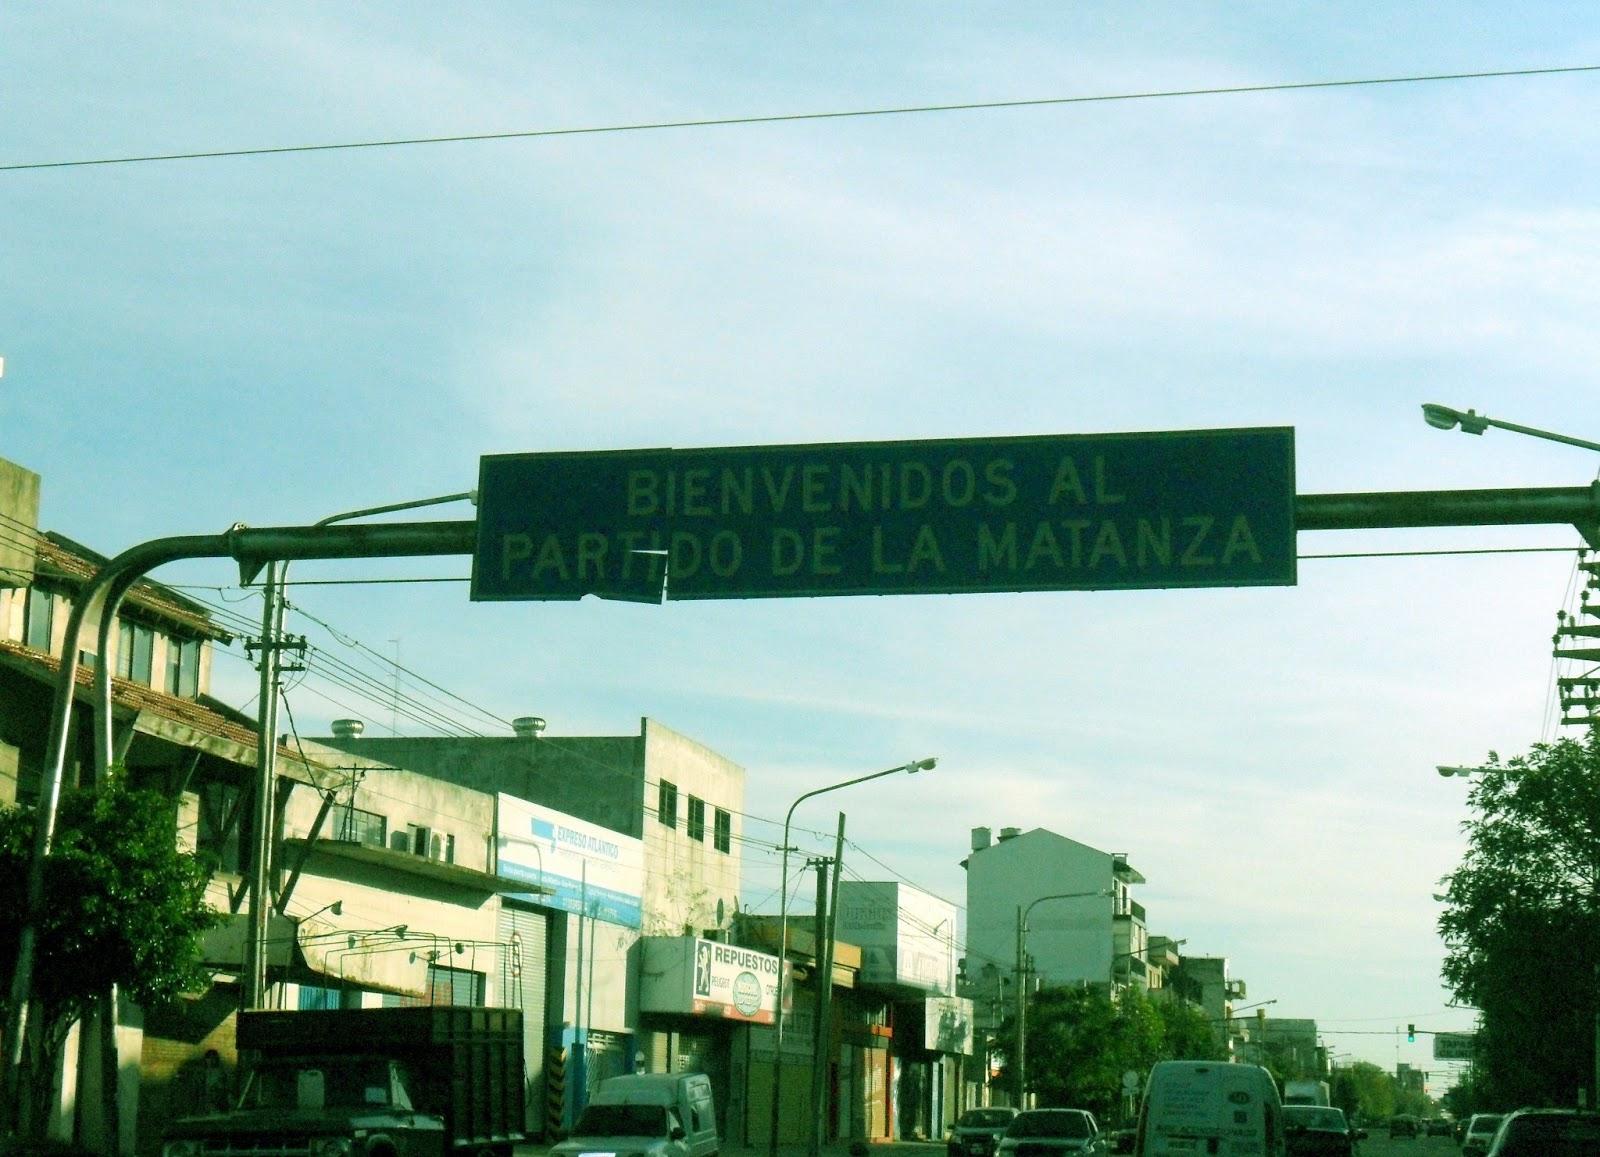 Nora Coria V Feria Del Libro Municipalidad De La Matanza